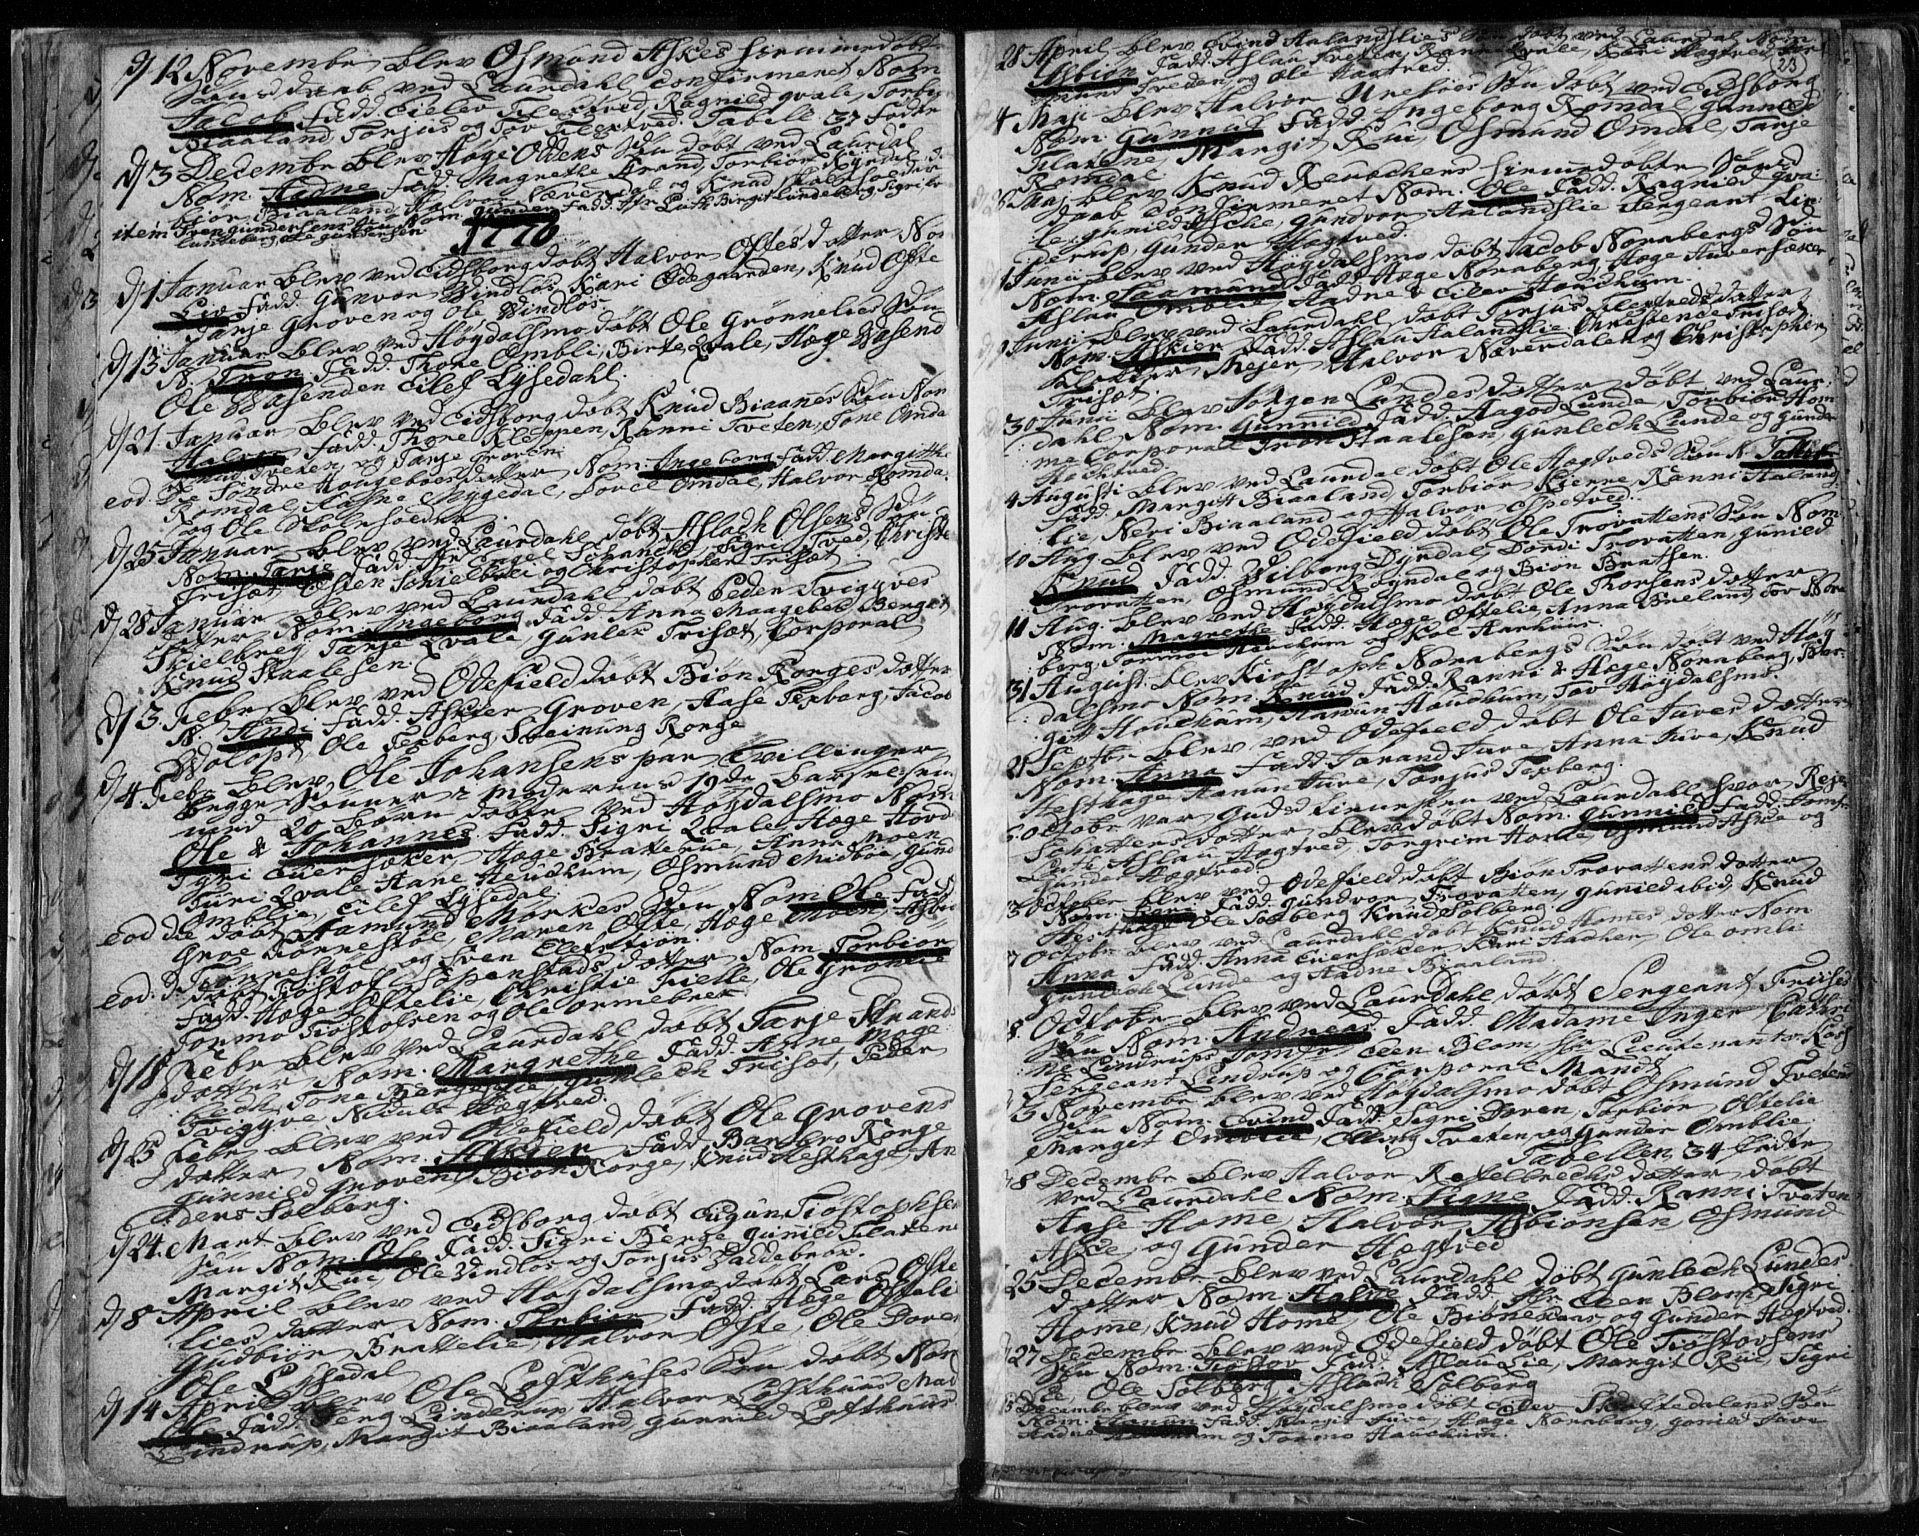 SAKO, Lårdal kirkebøker, F/Fa/L0003: Ministerialbok nr. I 3, 1754-1790, s. 23